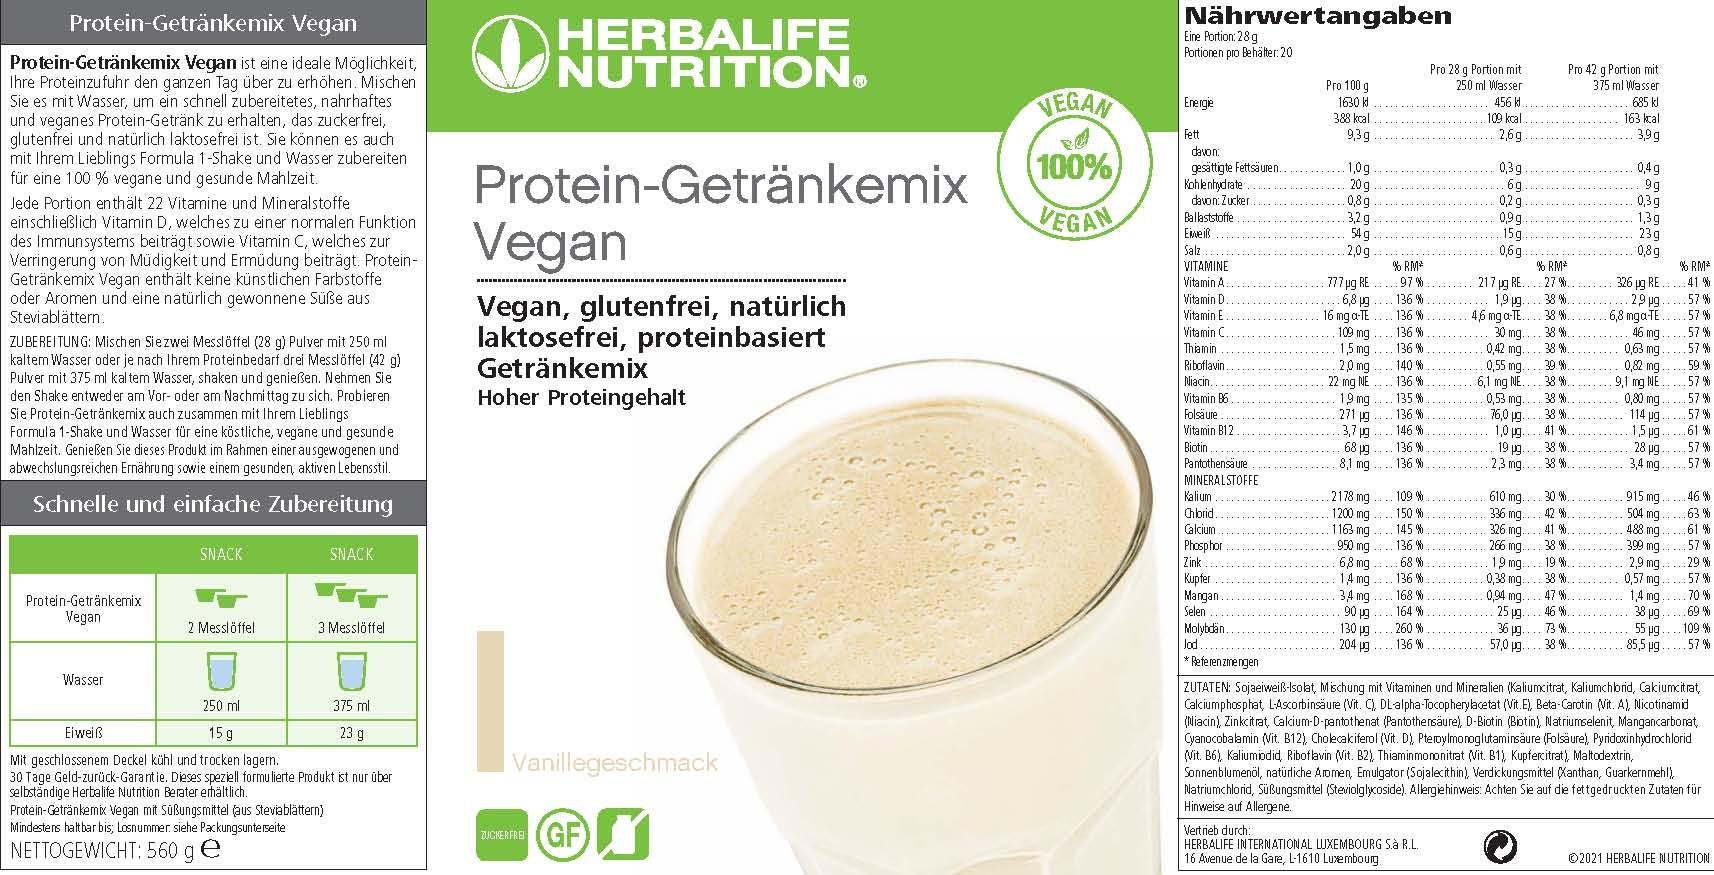 Herbalife Protein-Getränkemix Vegan - Vanillegeschmack